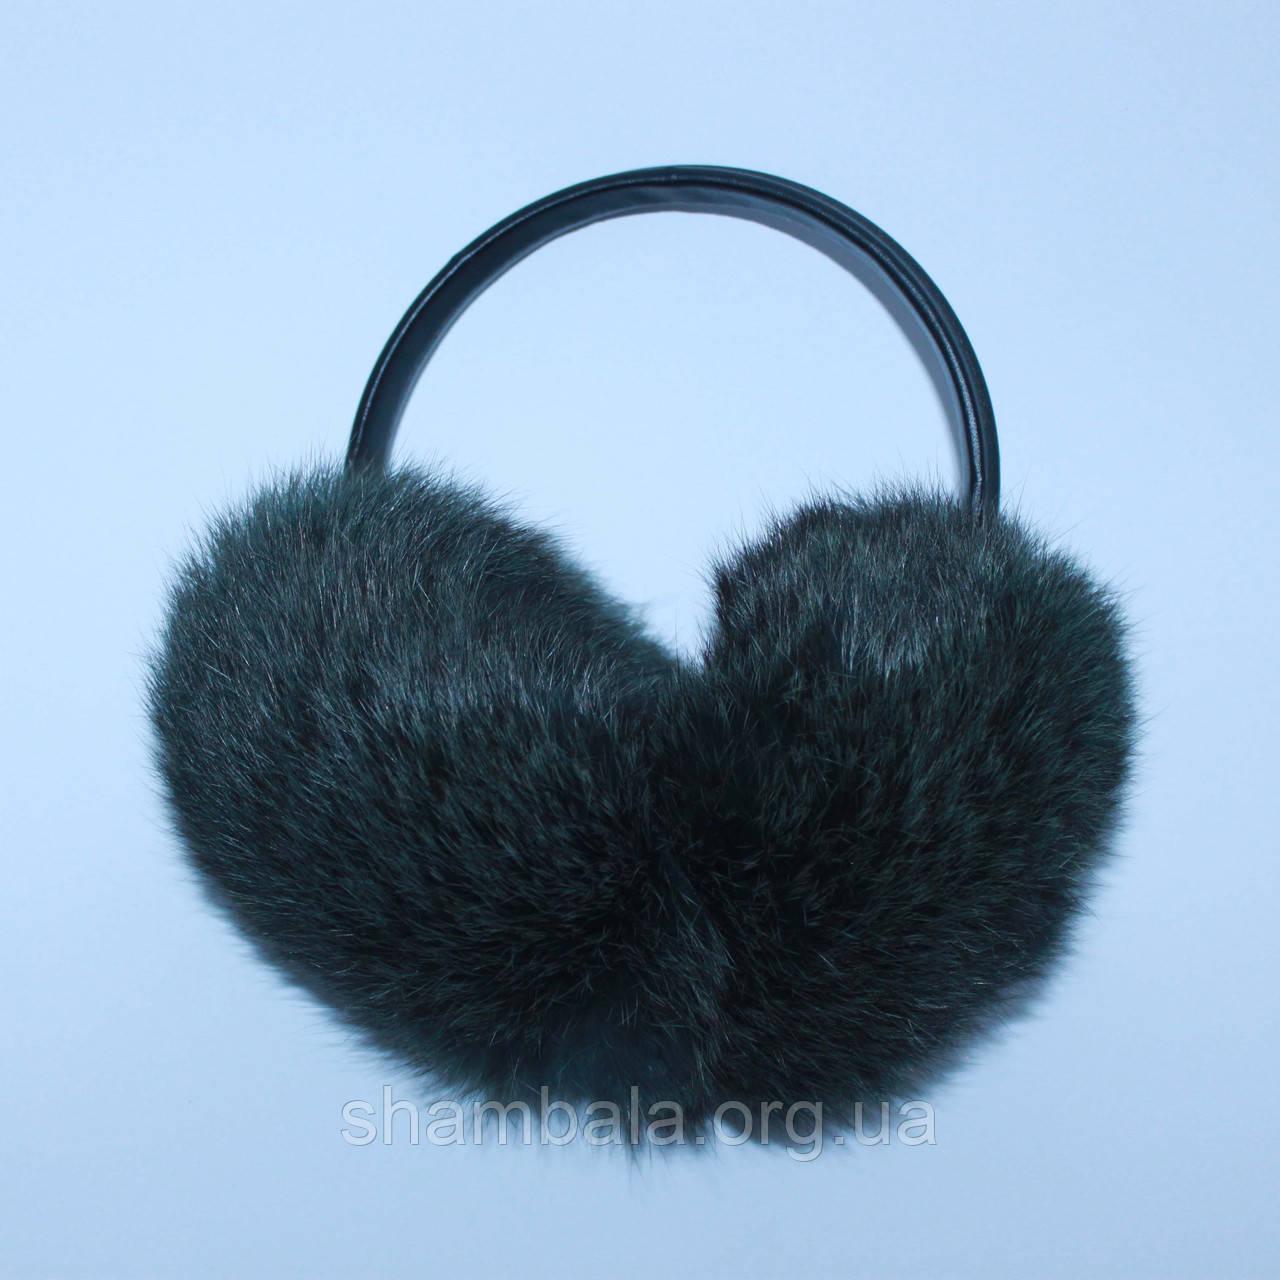 Хутряні навушники SnowyWin Натуральне Хутро Кролика Темно-зелений (010755)